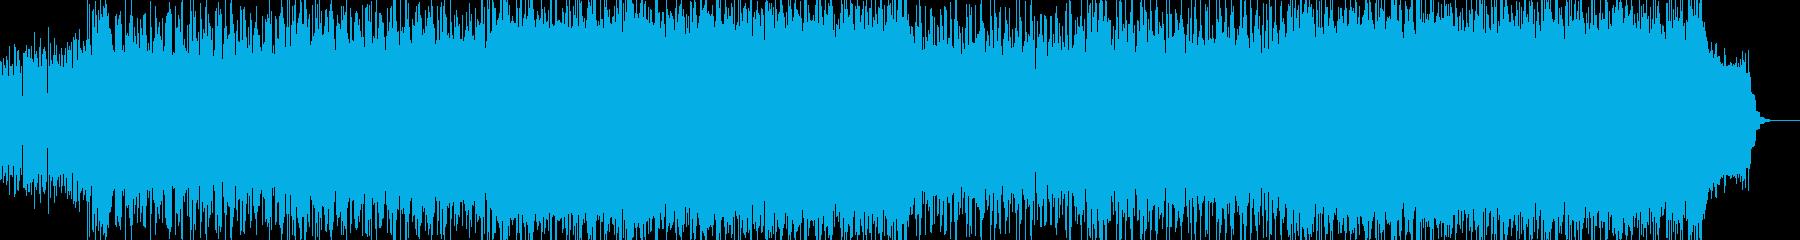 8ビートのエレクトロ、シリアス-03の再生済みの波形